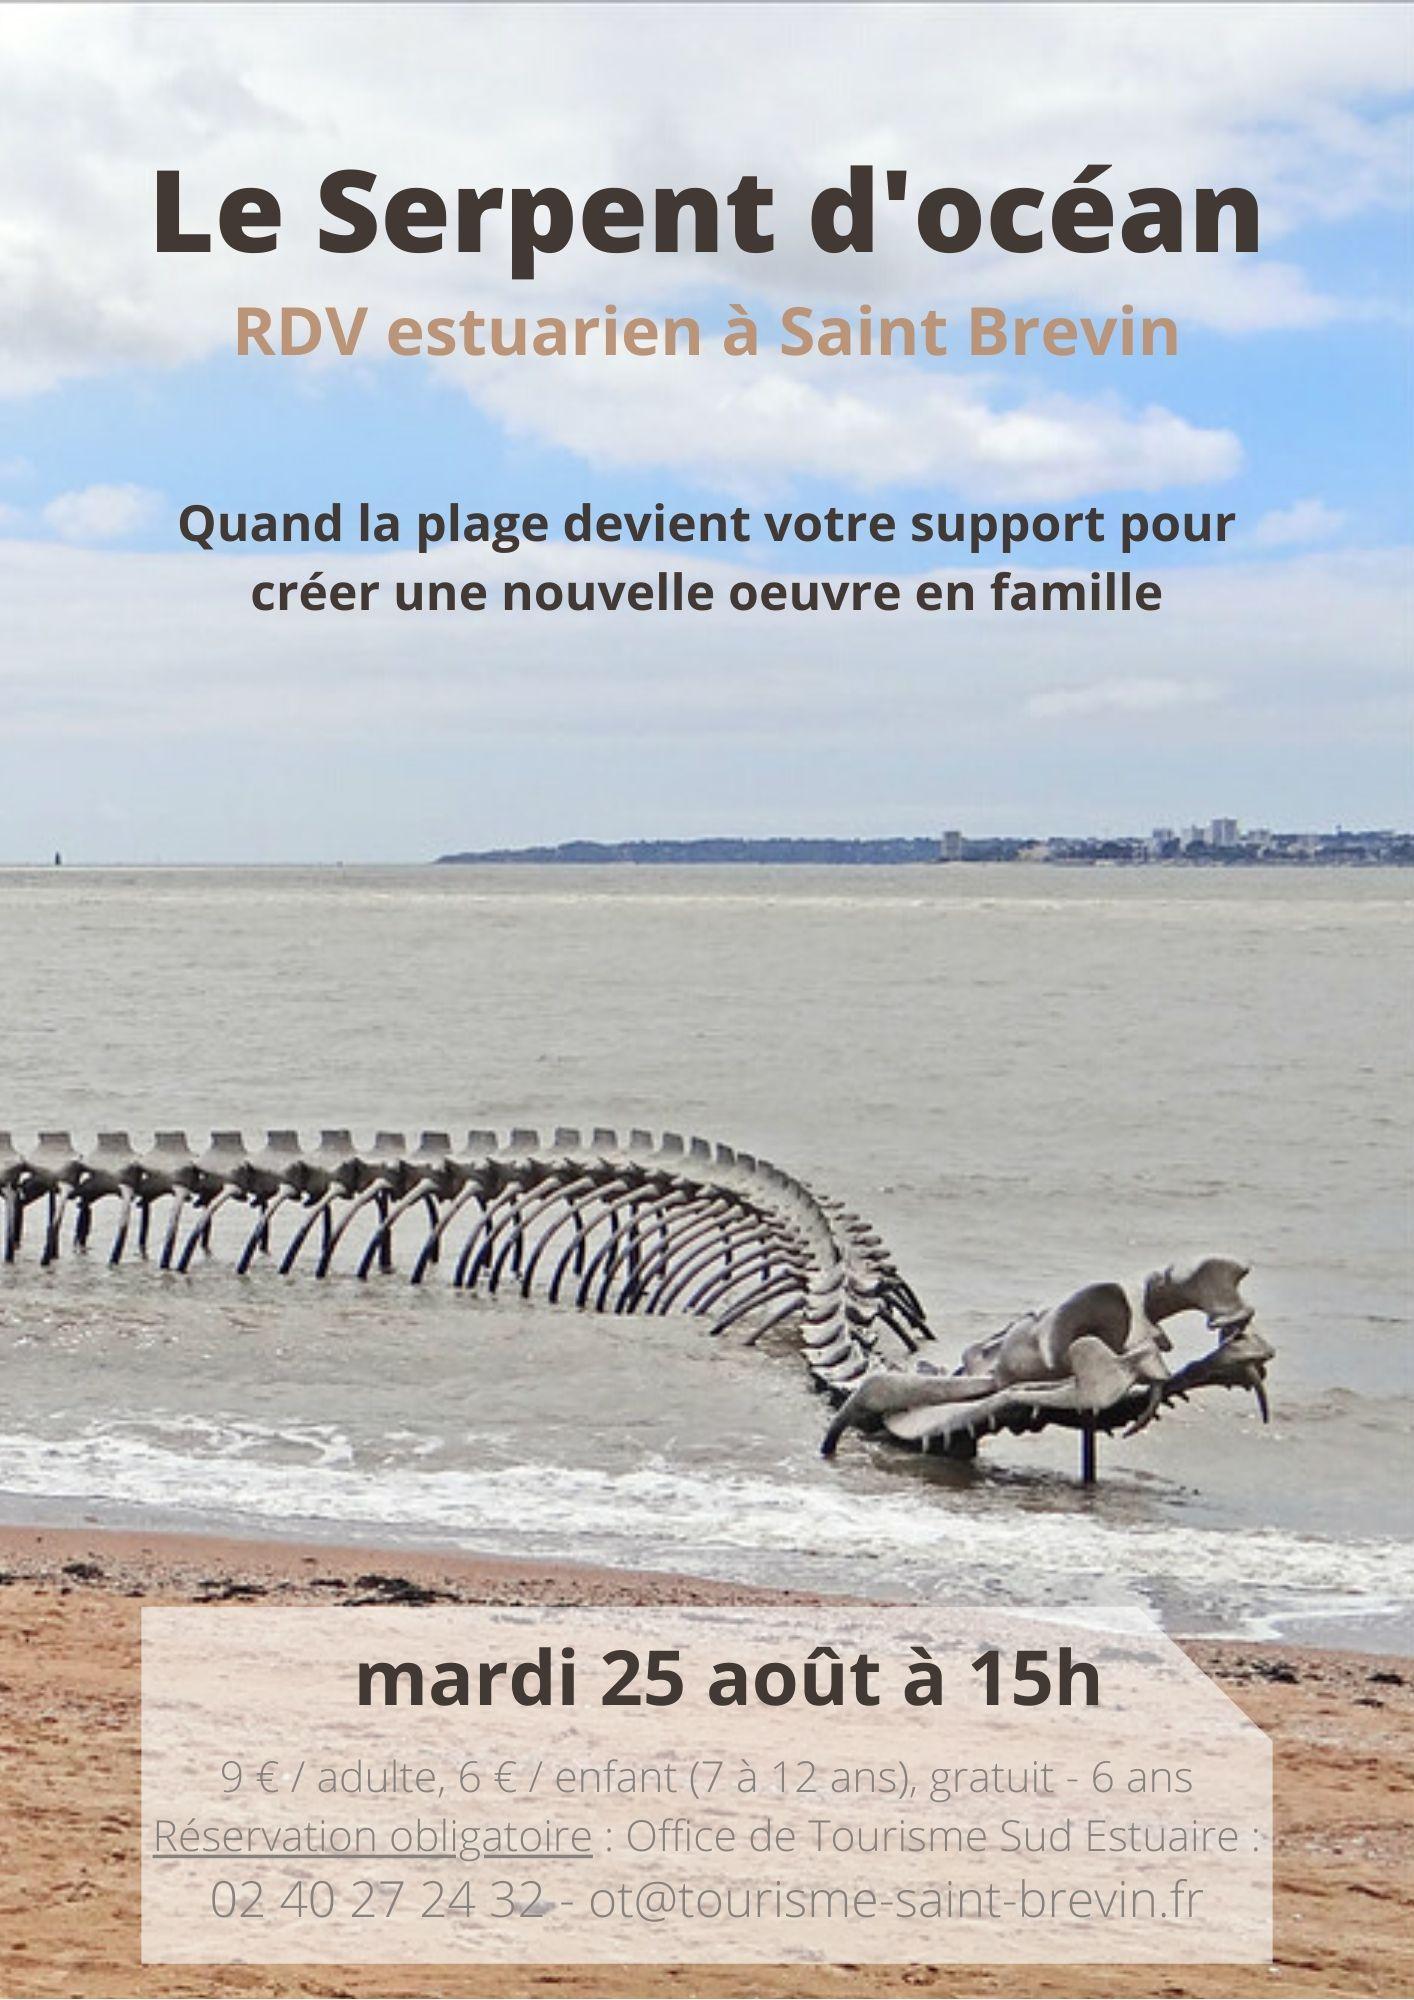 RDV estuariens août 2020 - Le Serpent d'océan - St Brevin